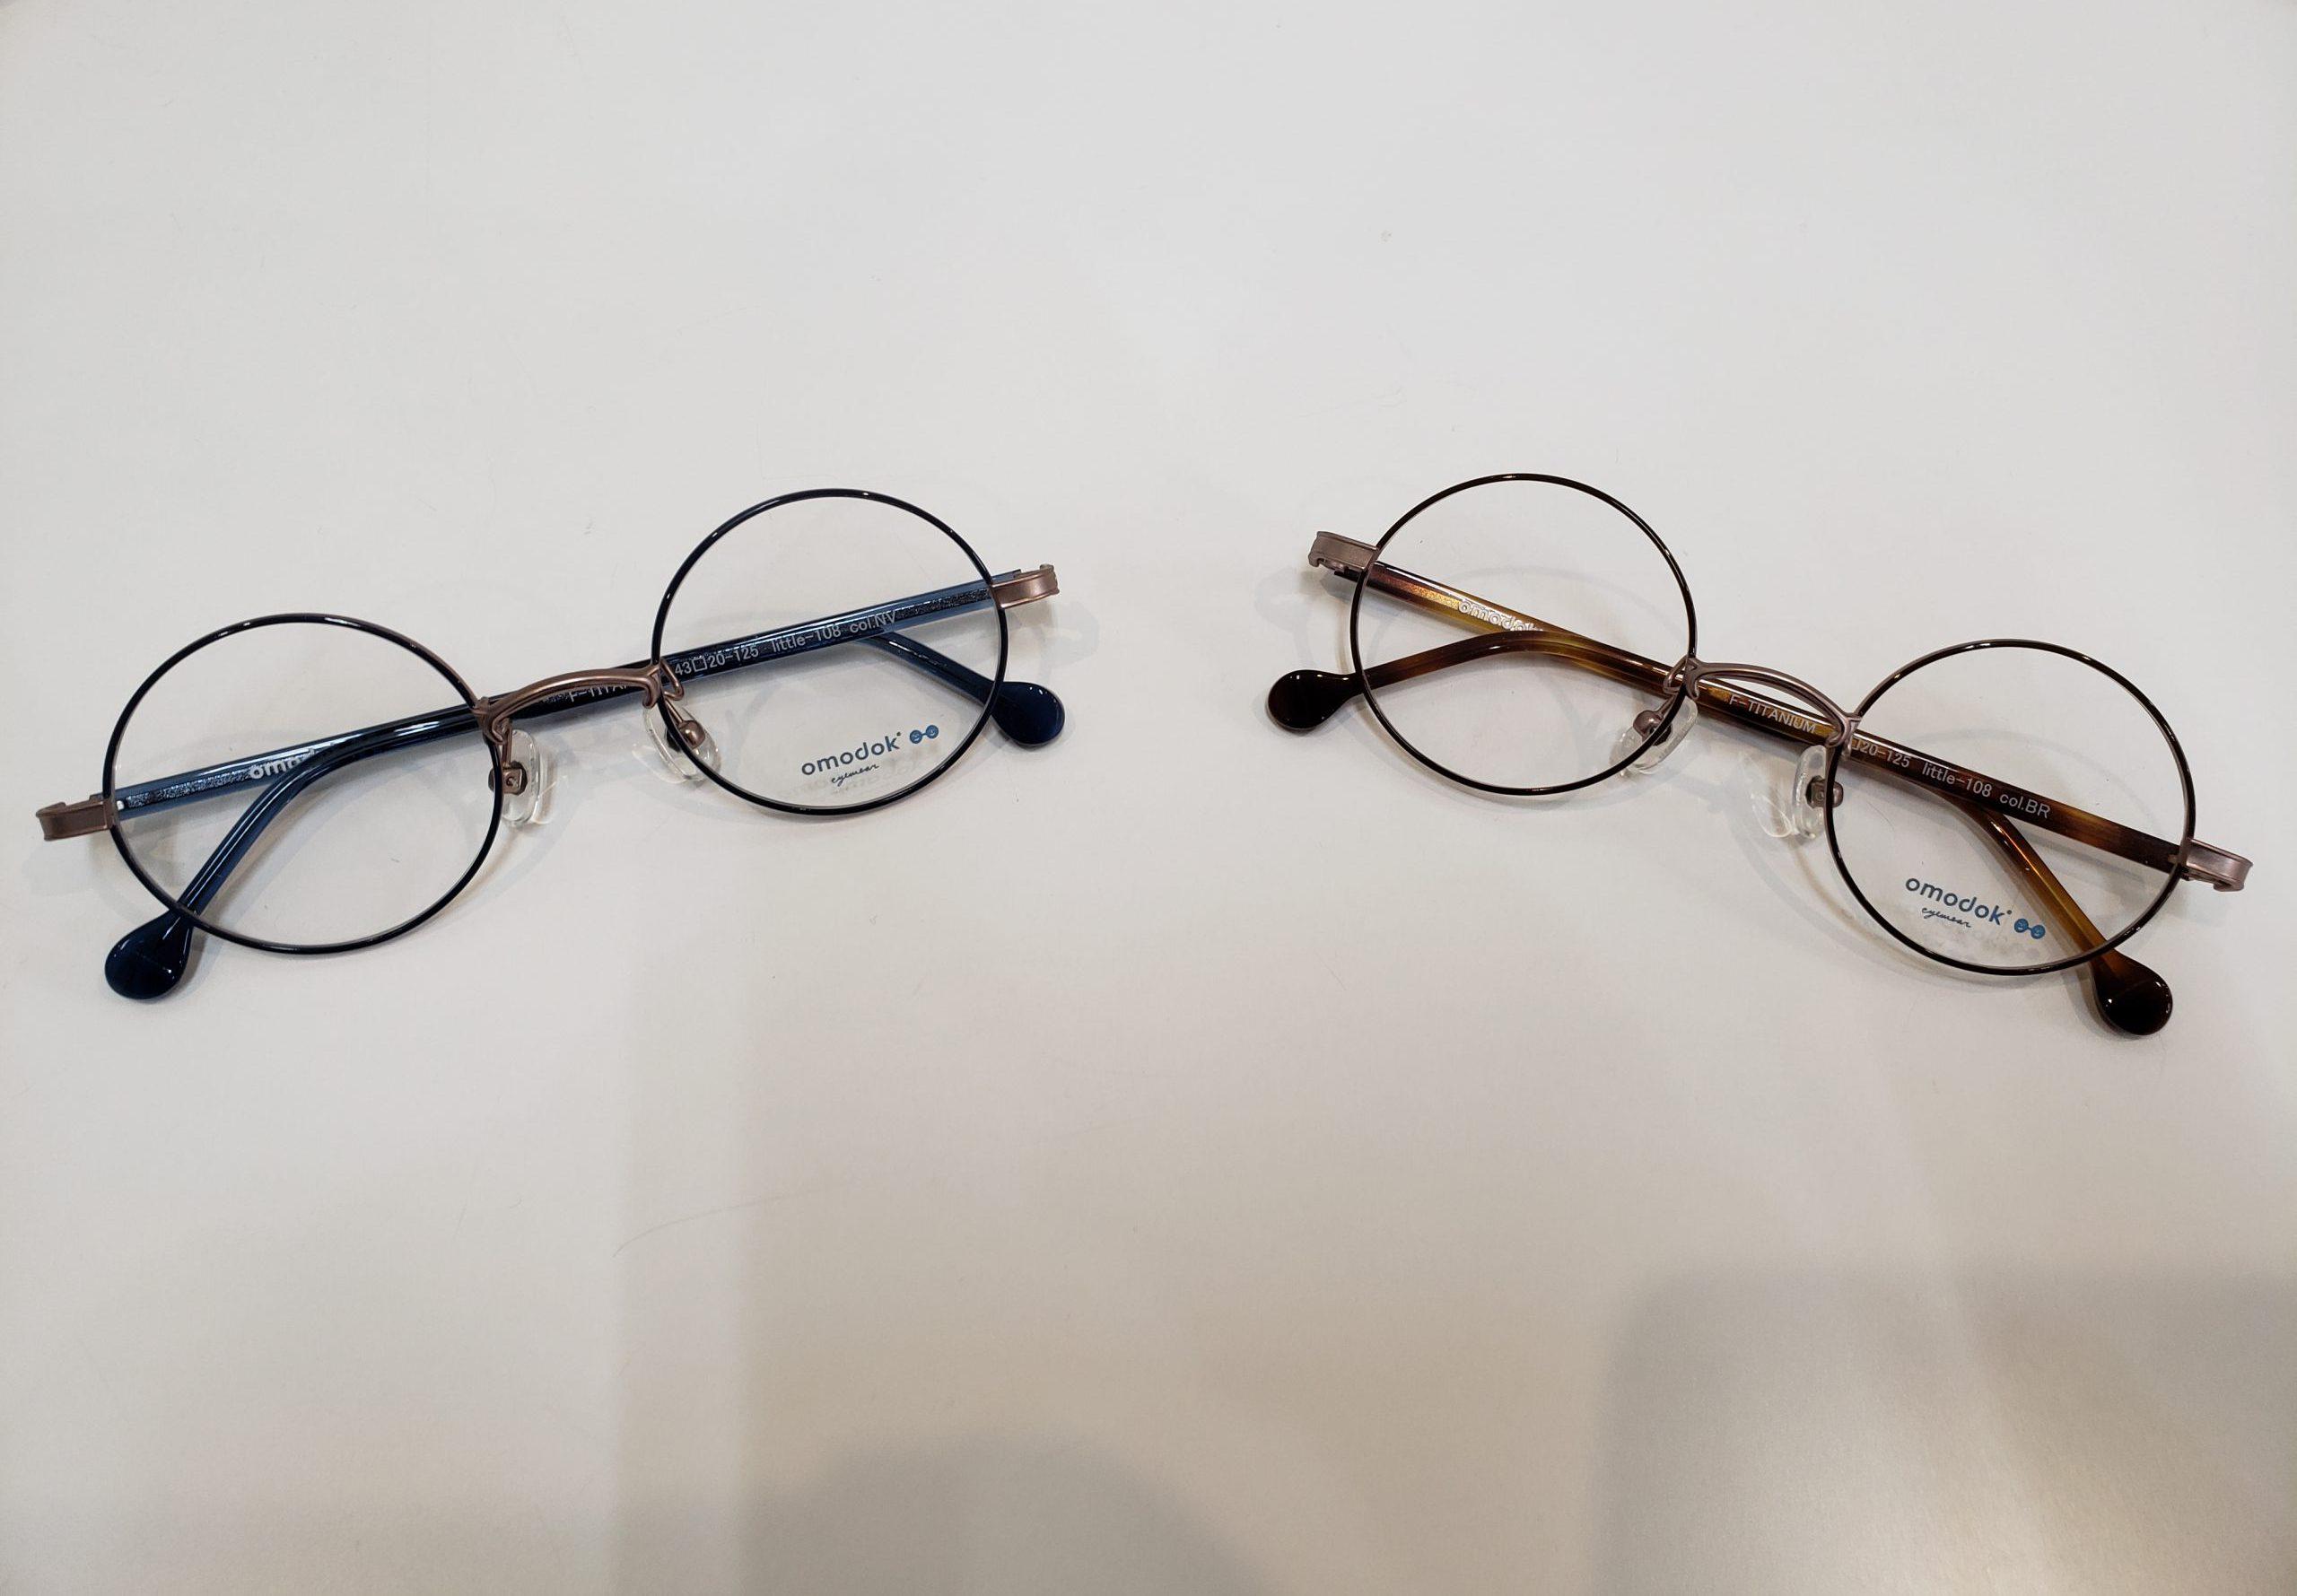 めがね メガネ 子ども 子供 こども 眼鏡 サングラス 弱視治療用 サングラス 偏光 調光 千葉県 野田市 愛宕